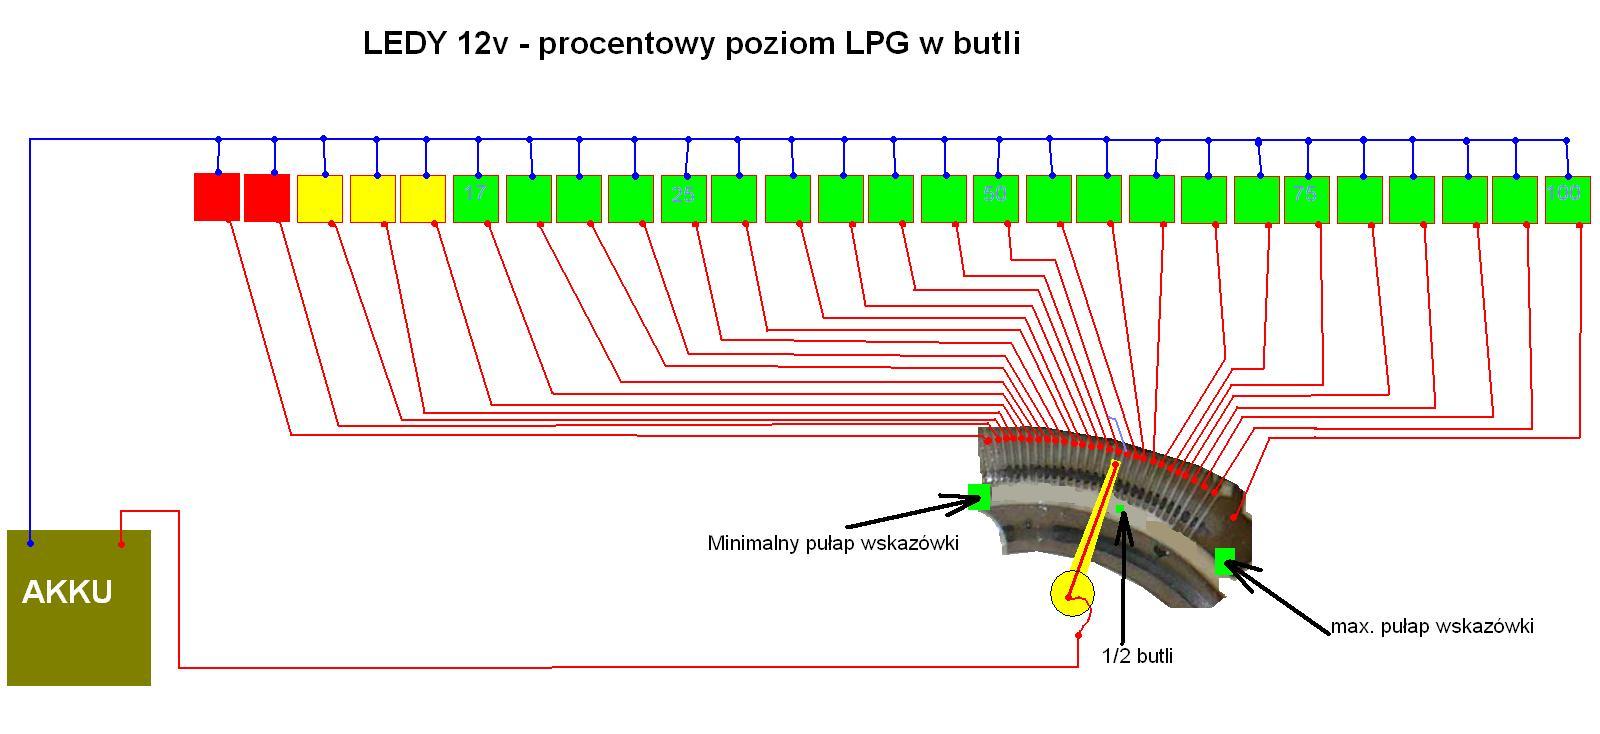 Budowa w�asnego wska�nika poziomu LPG w samochodzie zako�czona ale...